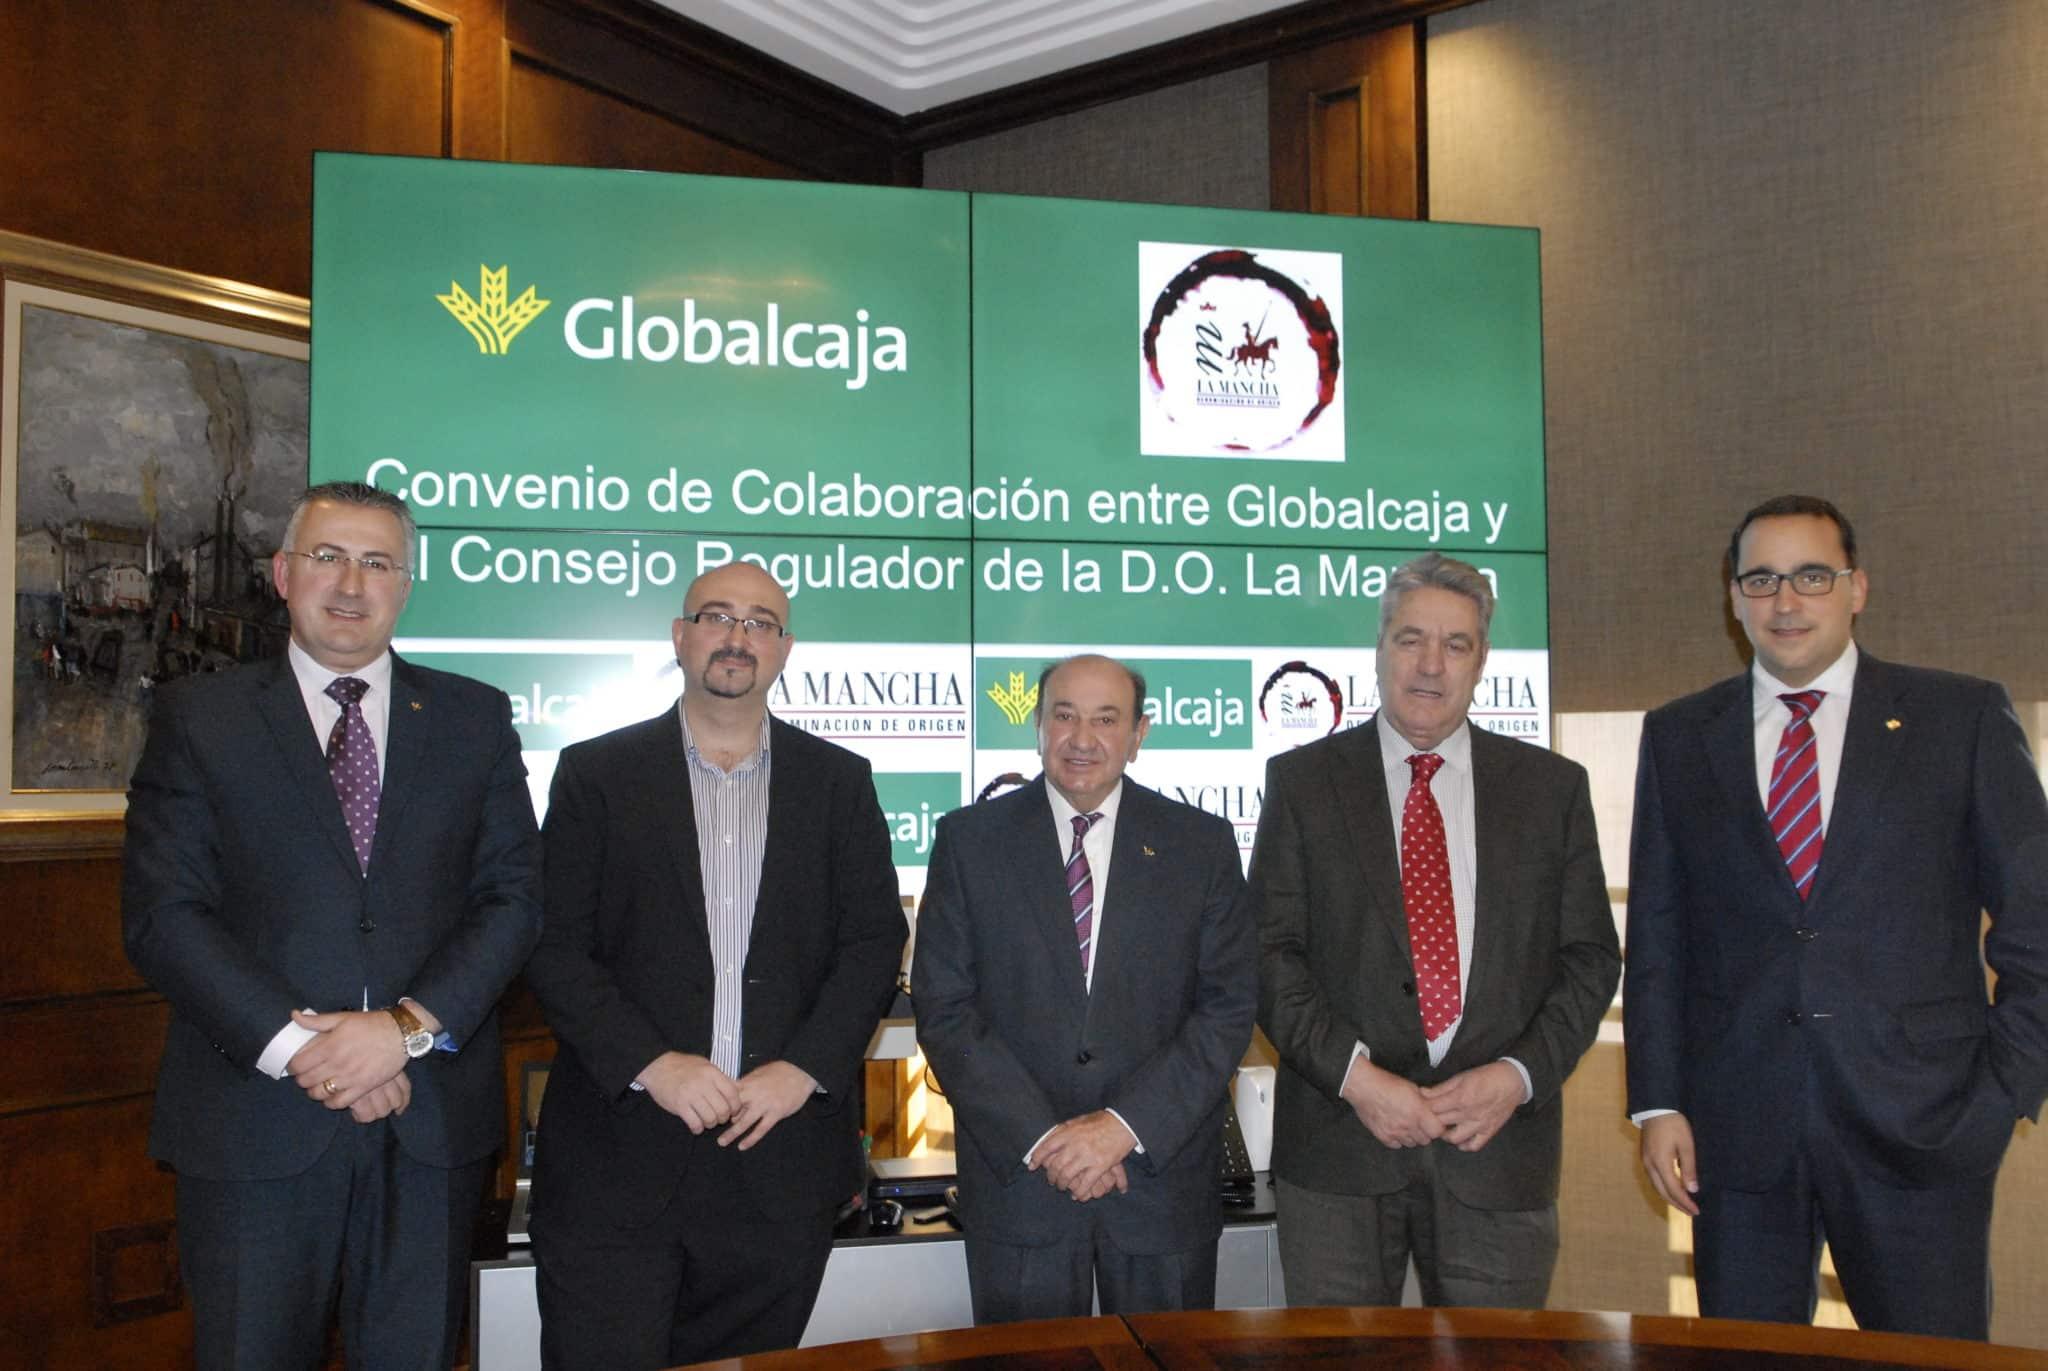 Globalcaja apoya la promoción del vino a través del convenio con la DO La Mancha